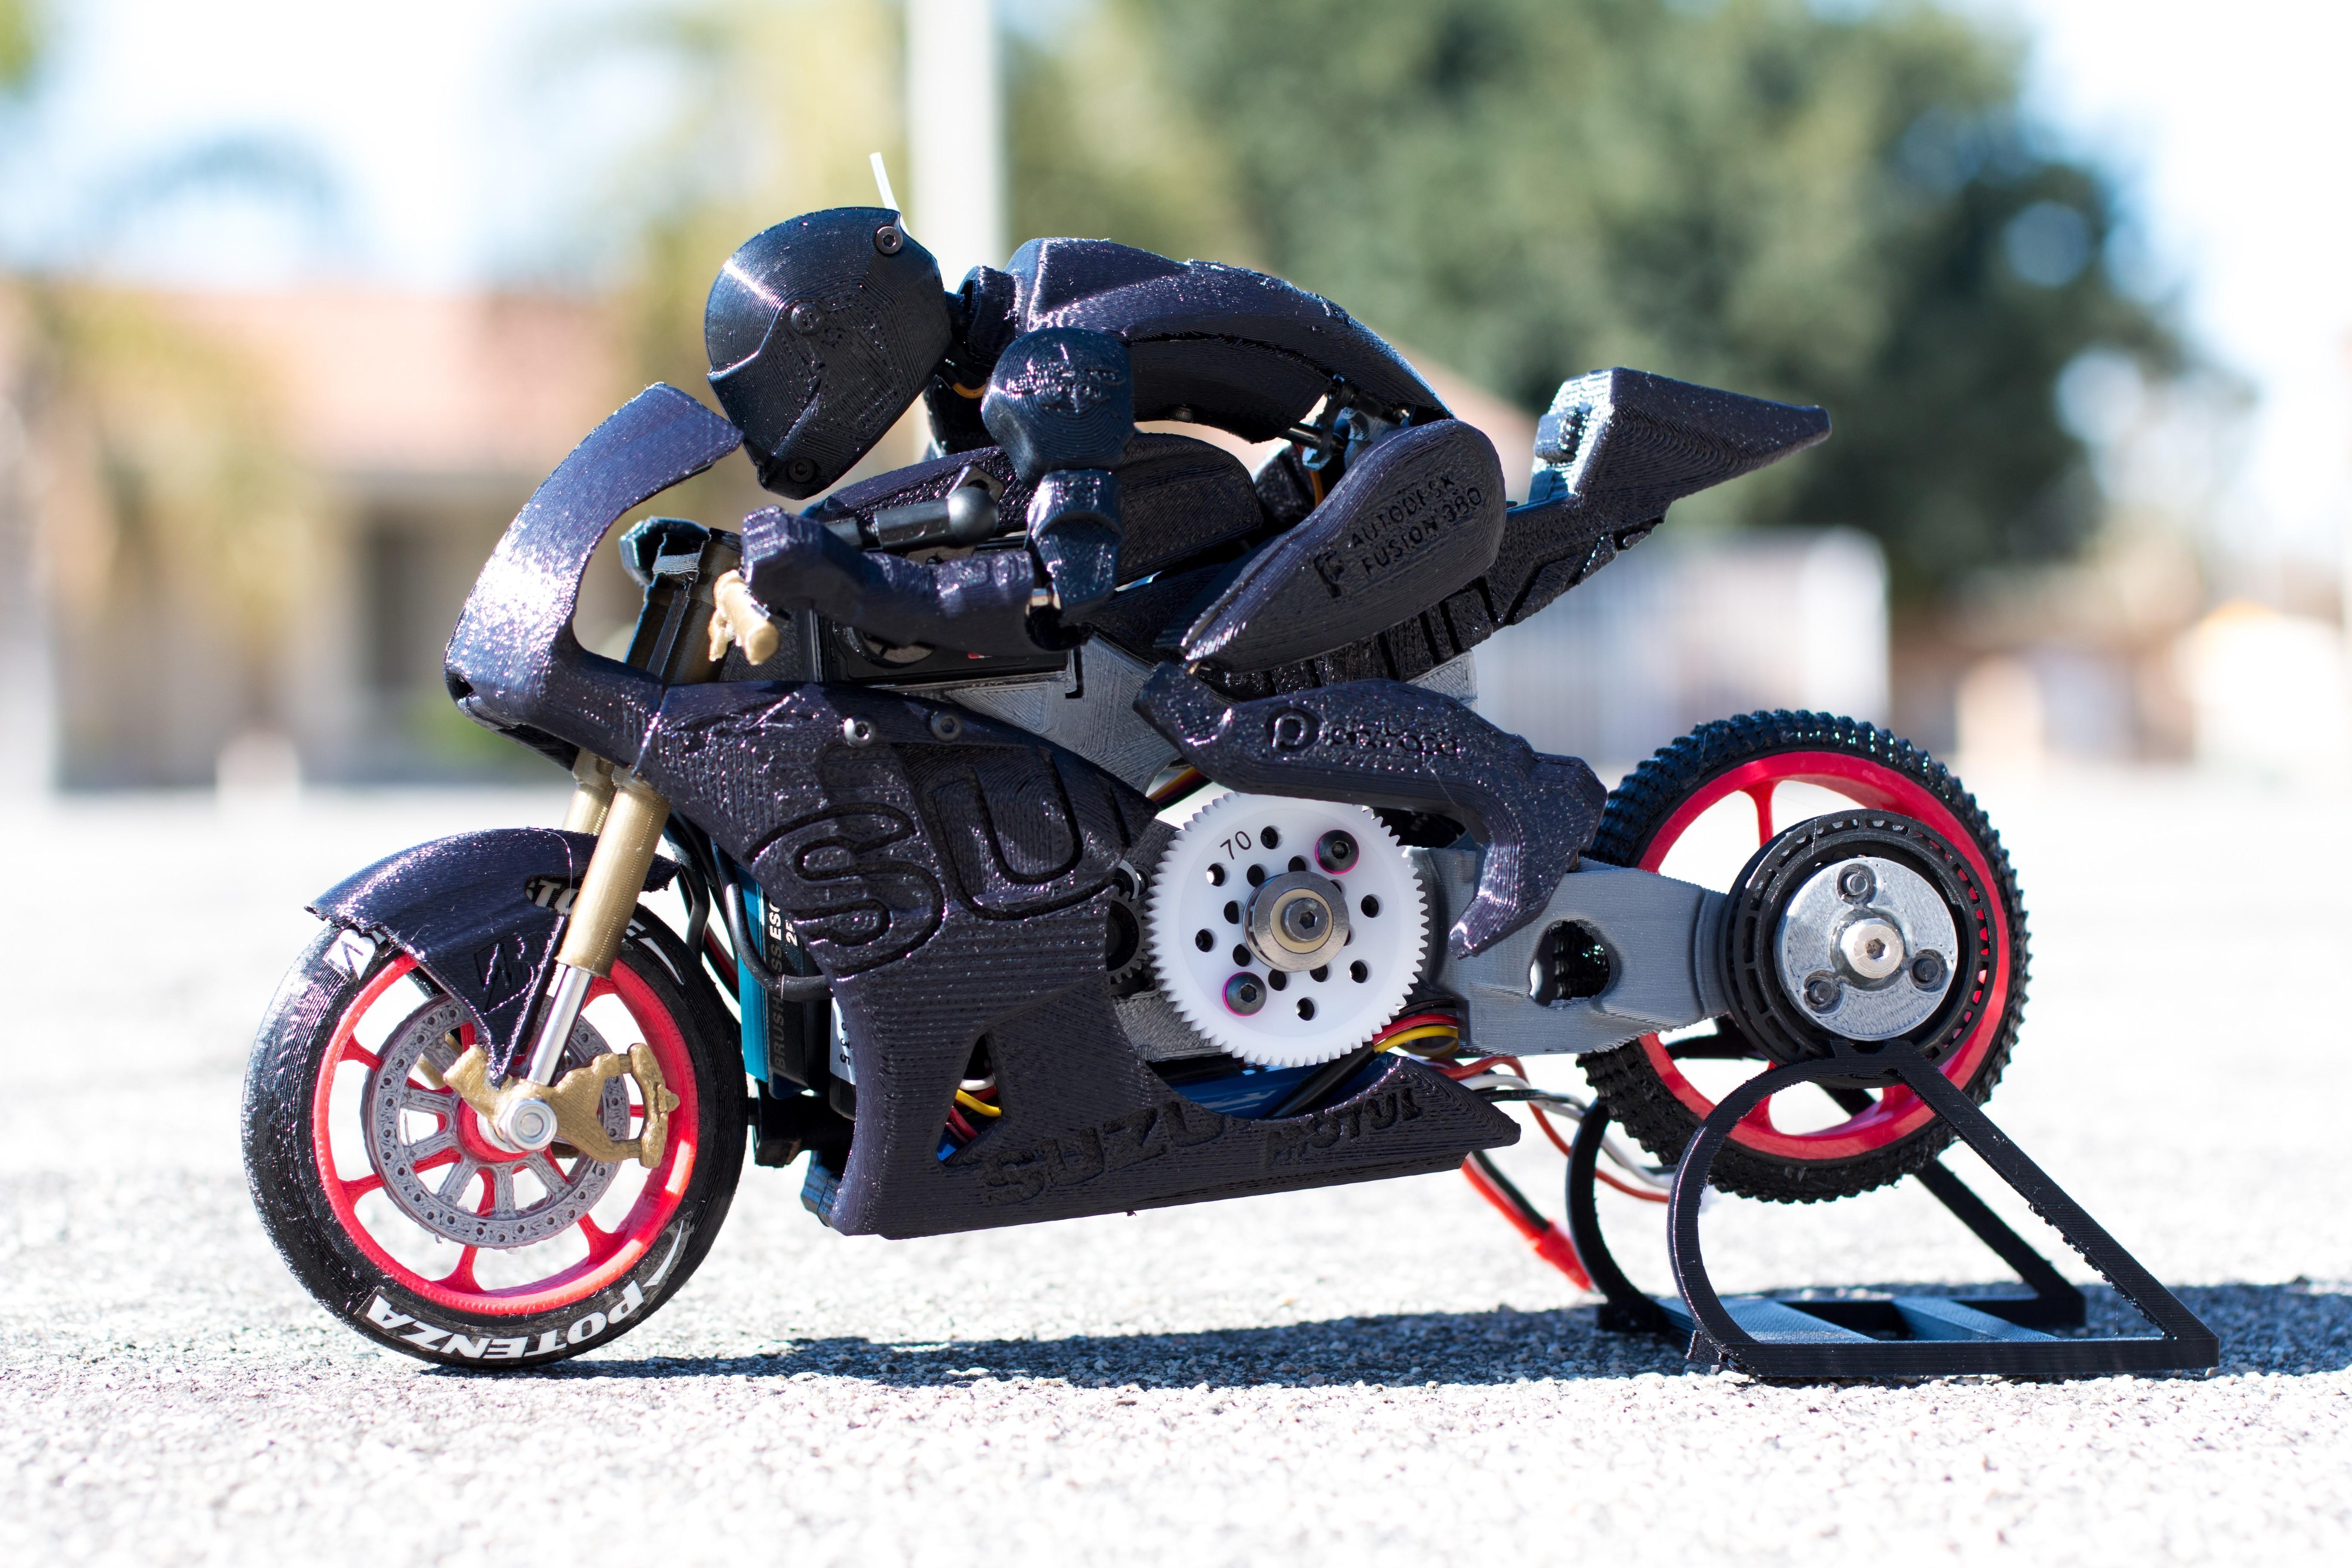 _MG_7198.jpg Télécharger fichier STL gratuit 2016 Suzuki GSX-RR MotoGP RC Moto • Modèle pour imprimante 3D, brett